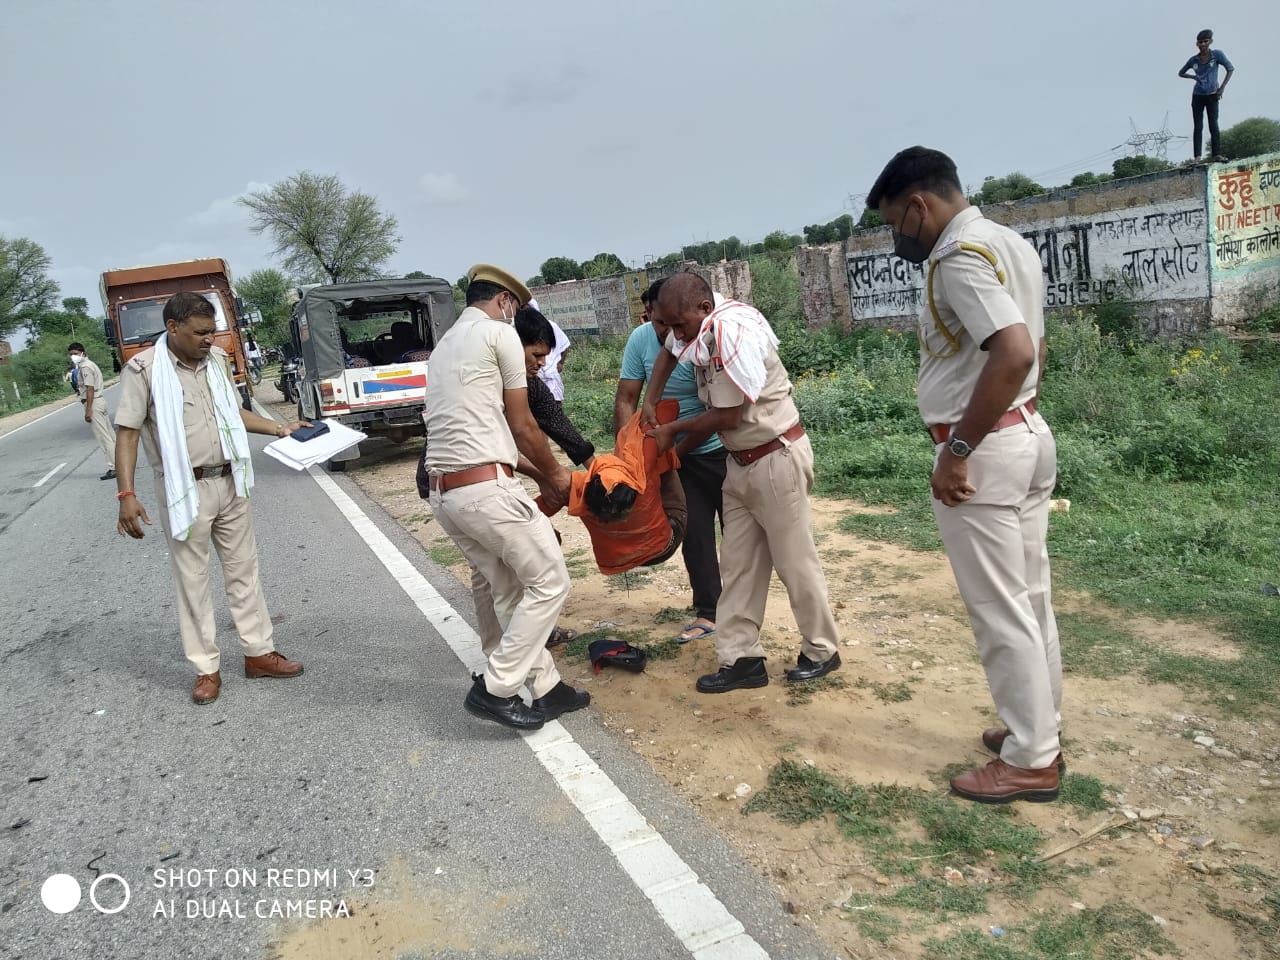 लालसोट में शवों को एंबुलेंस में रखवाती पुलिस - Dainik Bhaskar